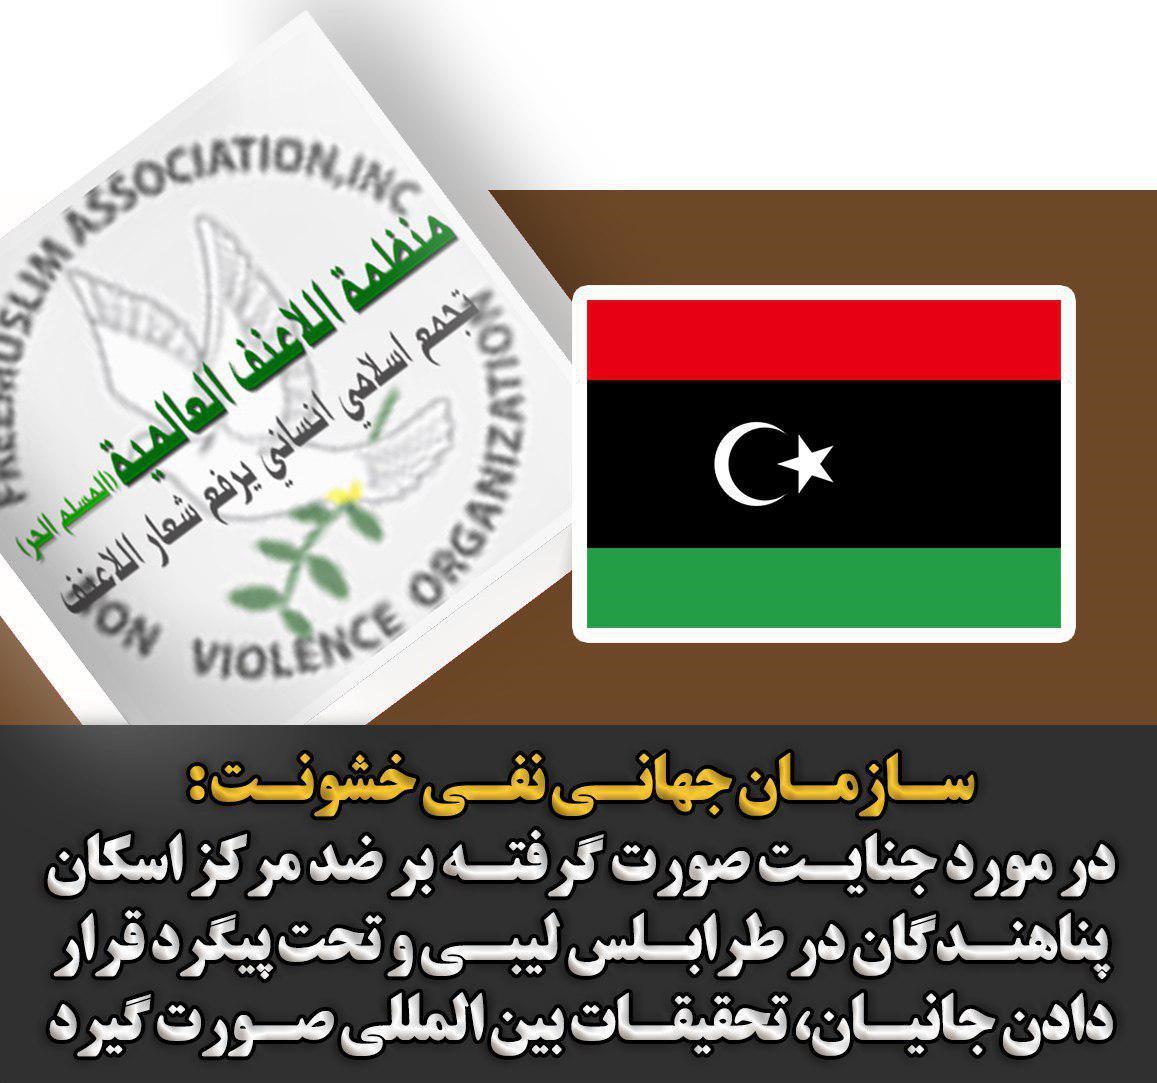 تصویر درخواست مسلمان آزاده برای تحقیق درباره هدف قرار دادن مرکز پناهندگان در لیبی